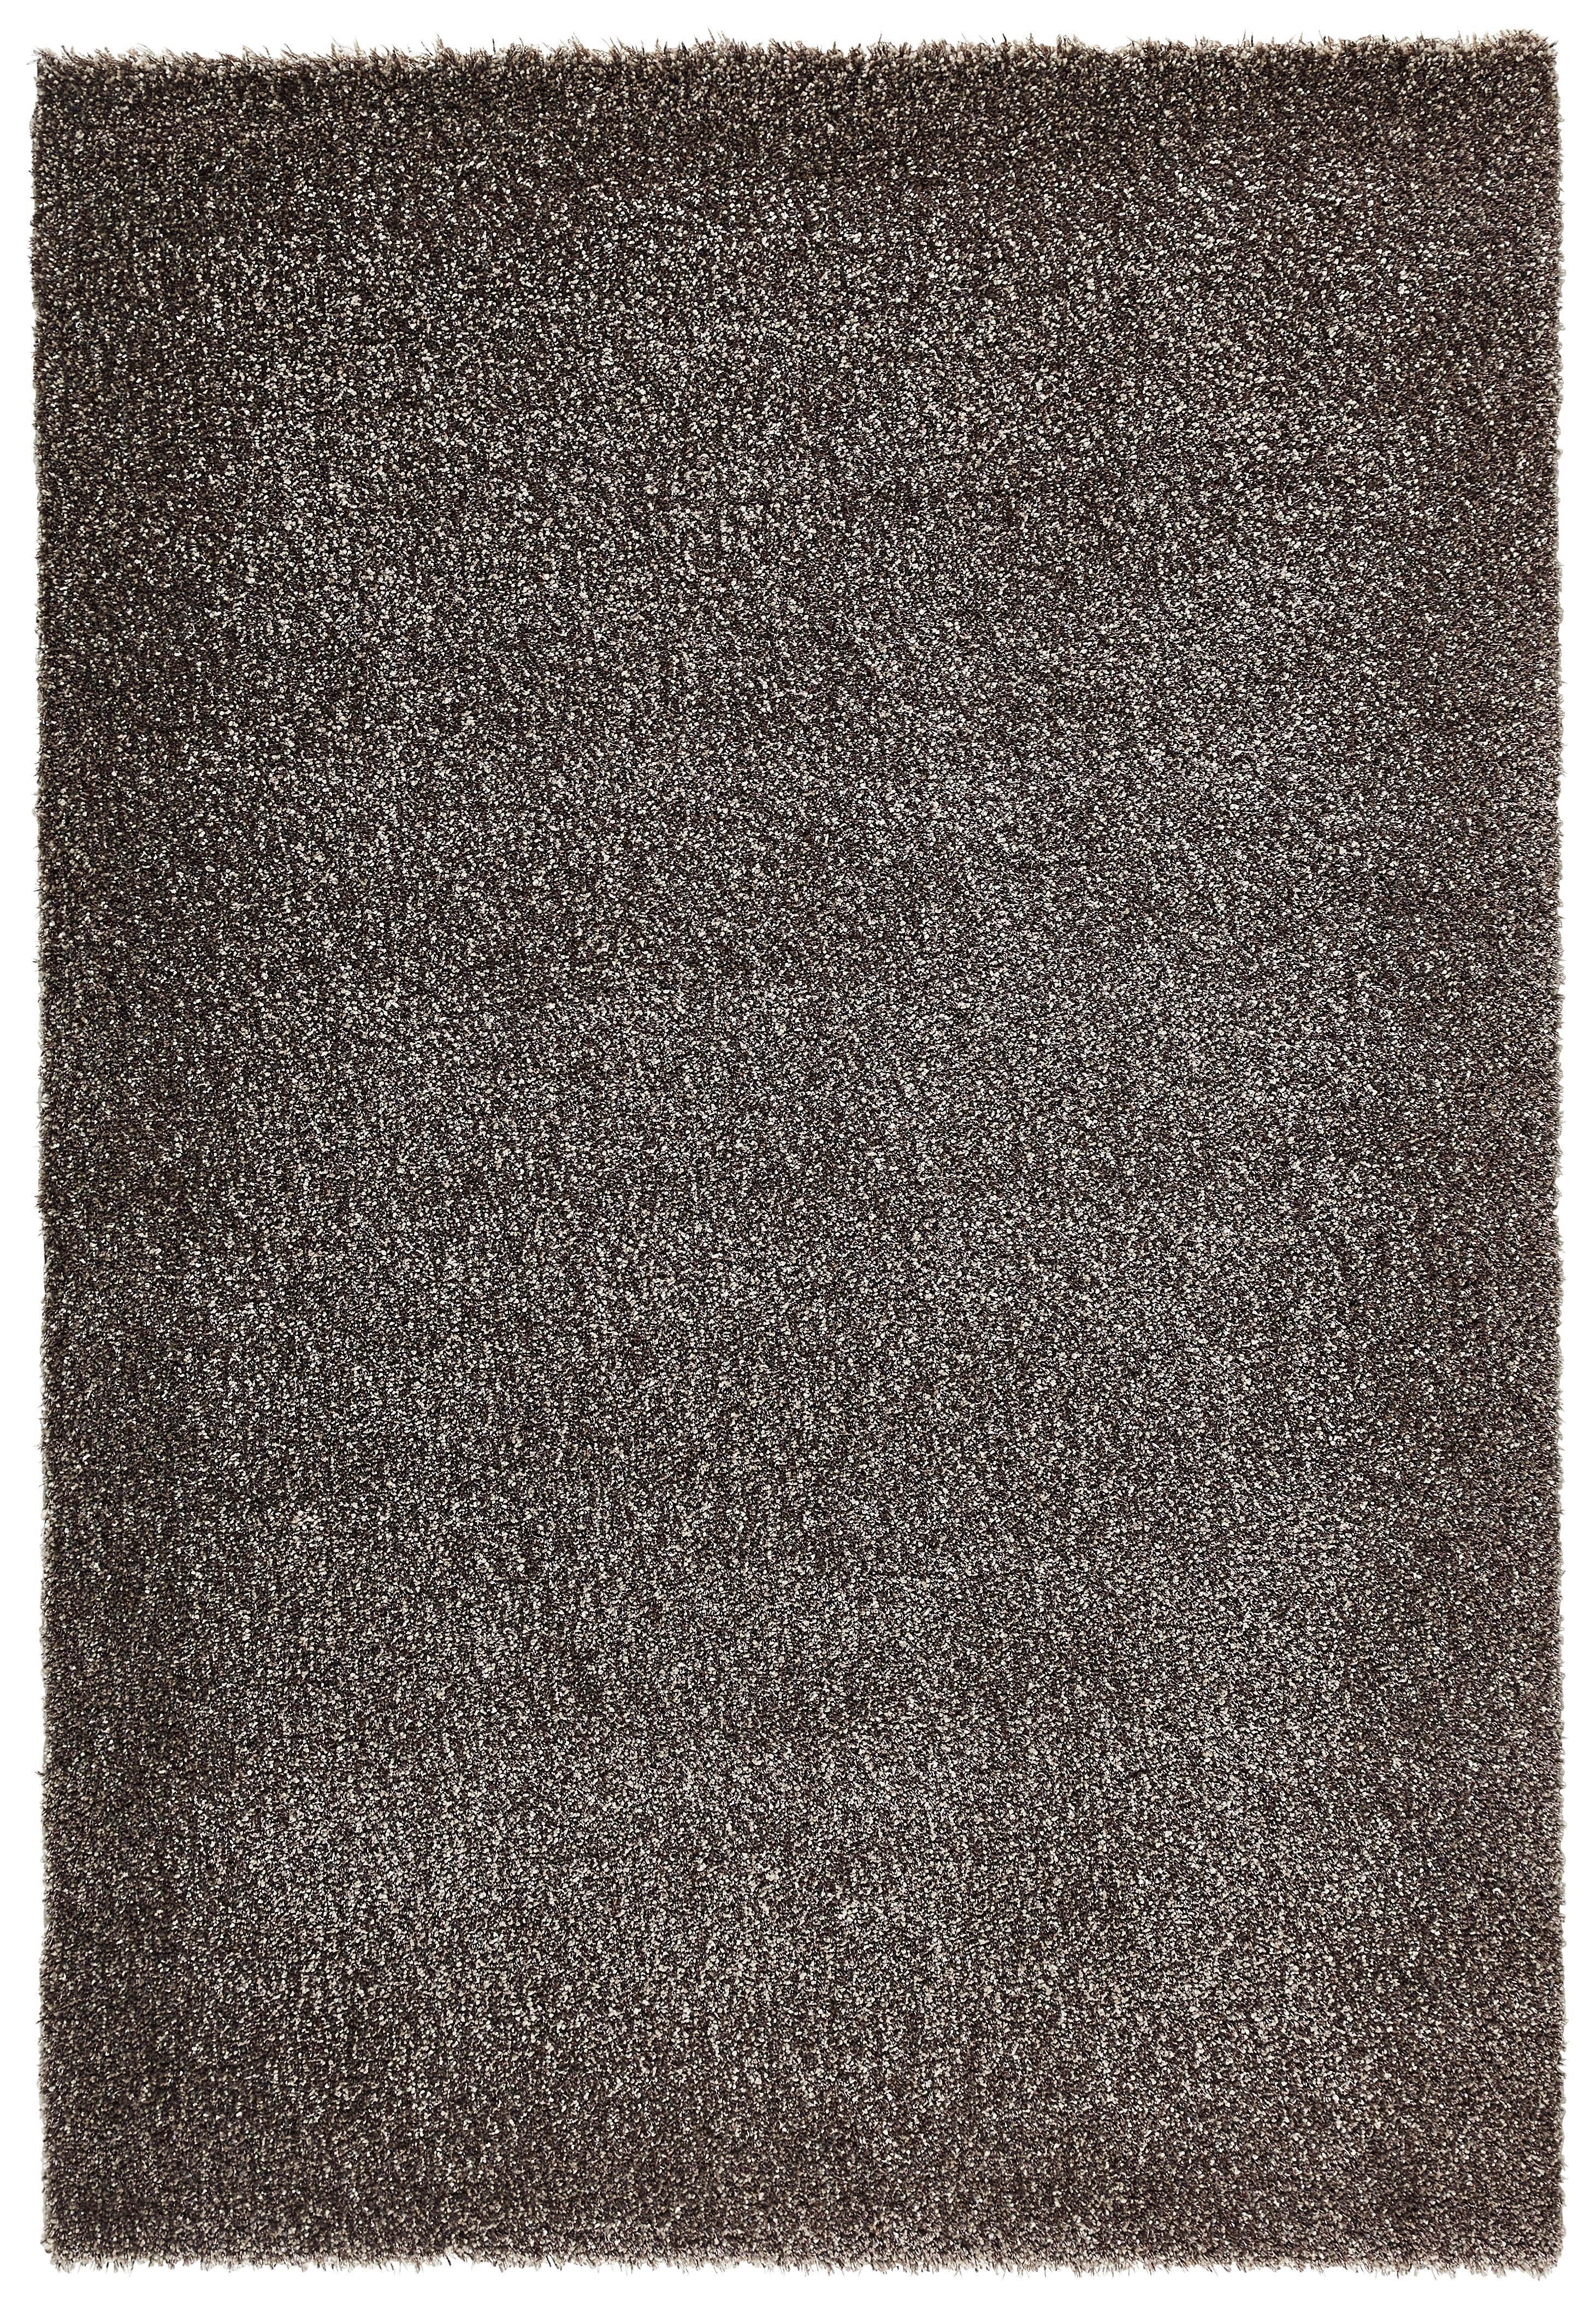 HOCHFLORTEPPICH  gewebt  Grau  135/200 cm - Grau, Textil (135/200cm) - NOVEL